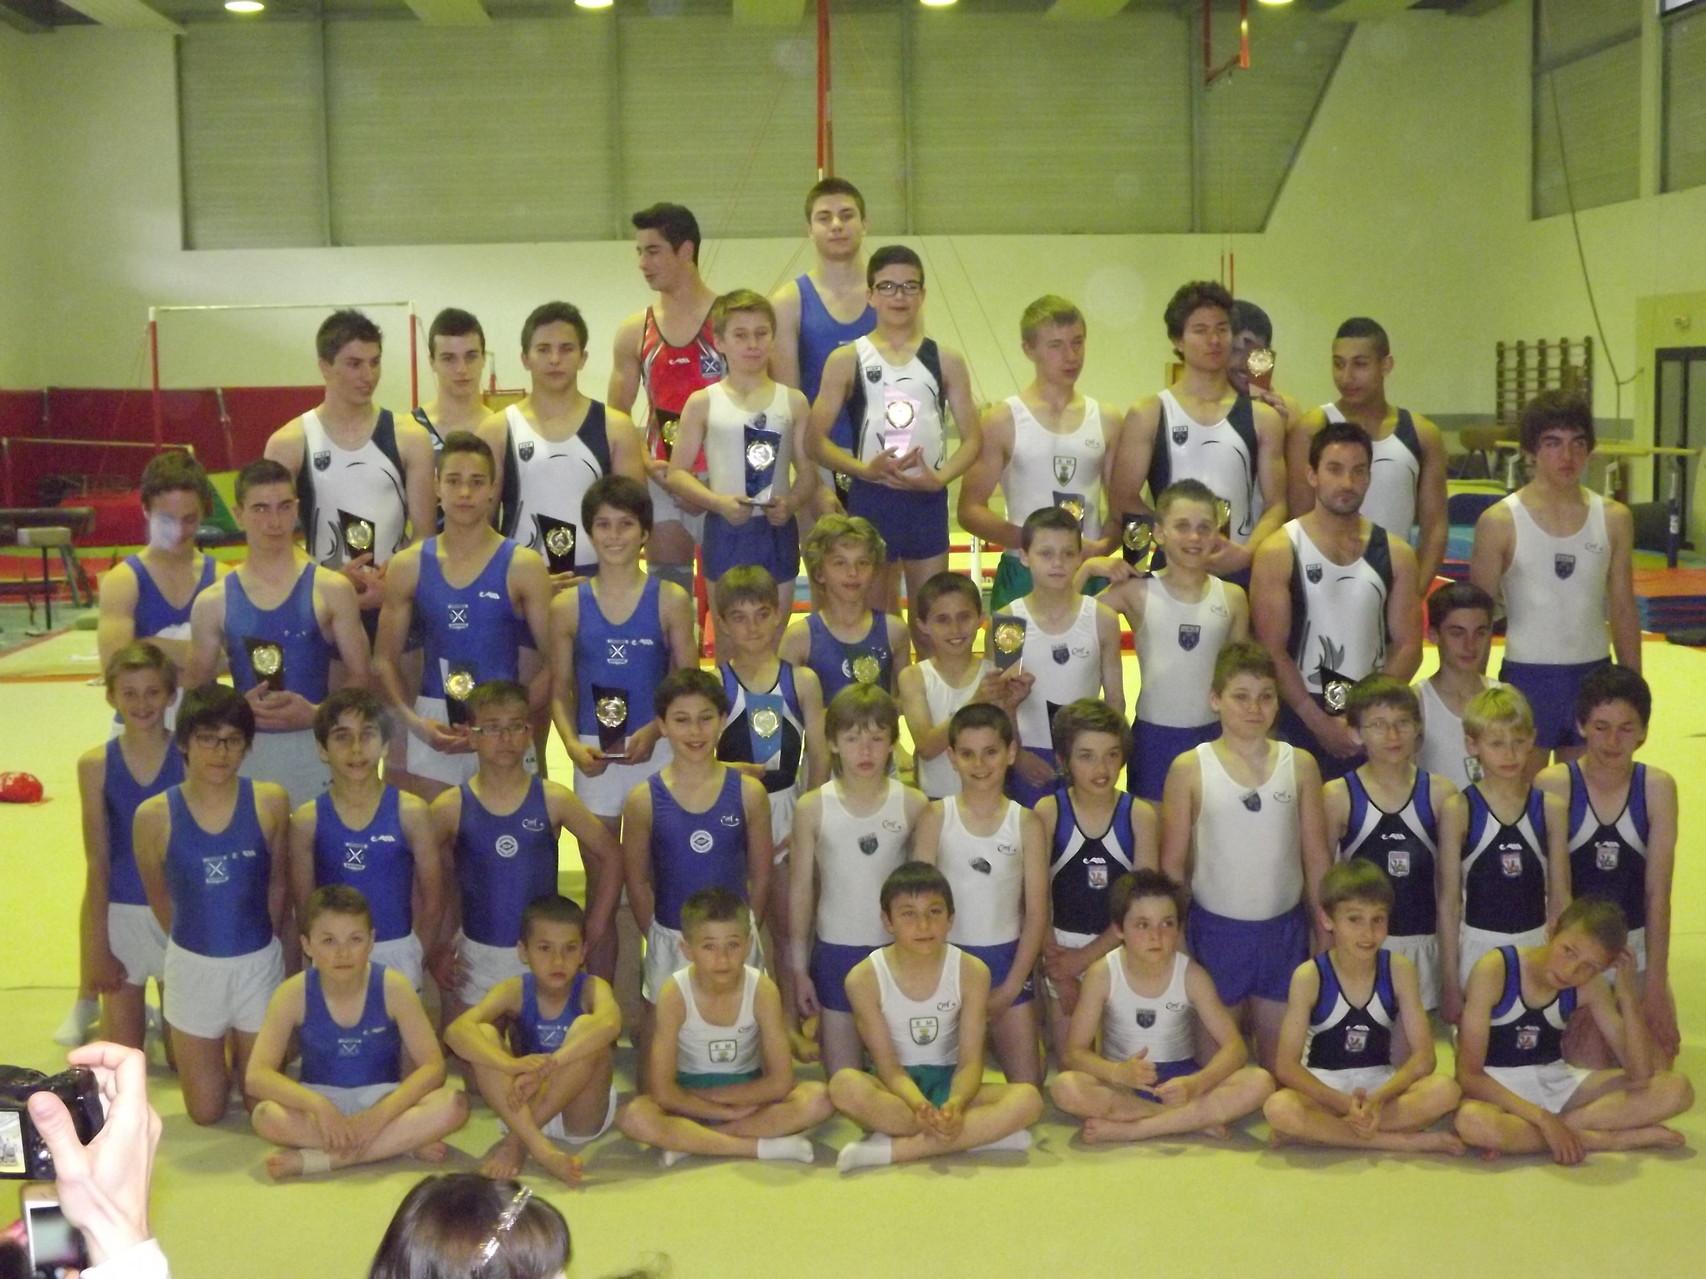 Groupe des gymnastes ayant participé